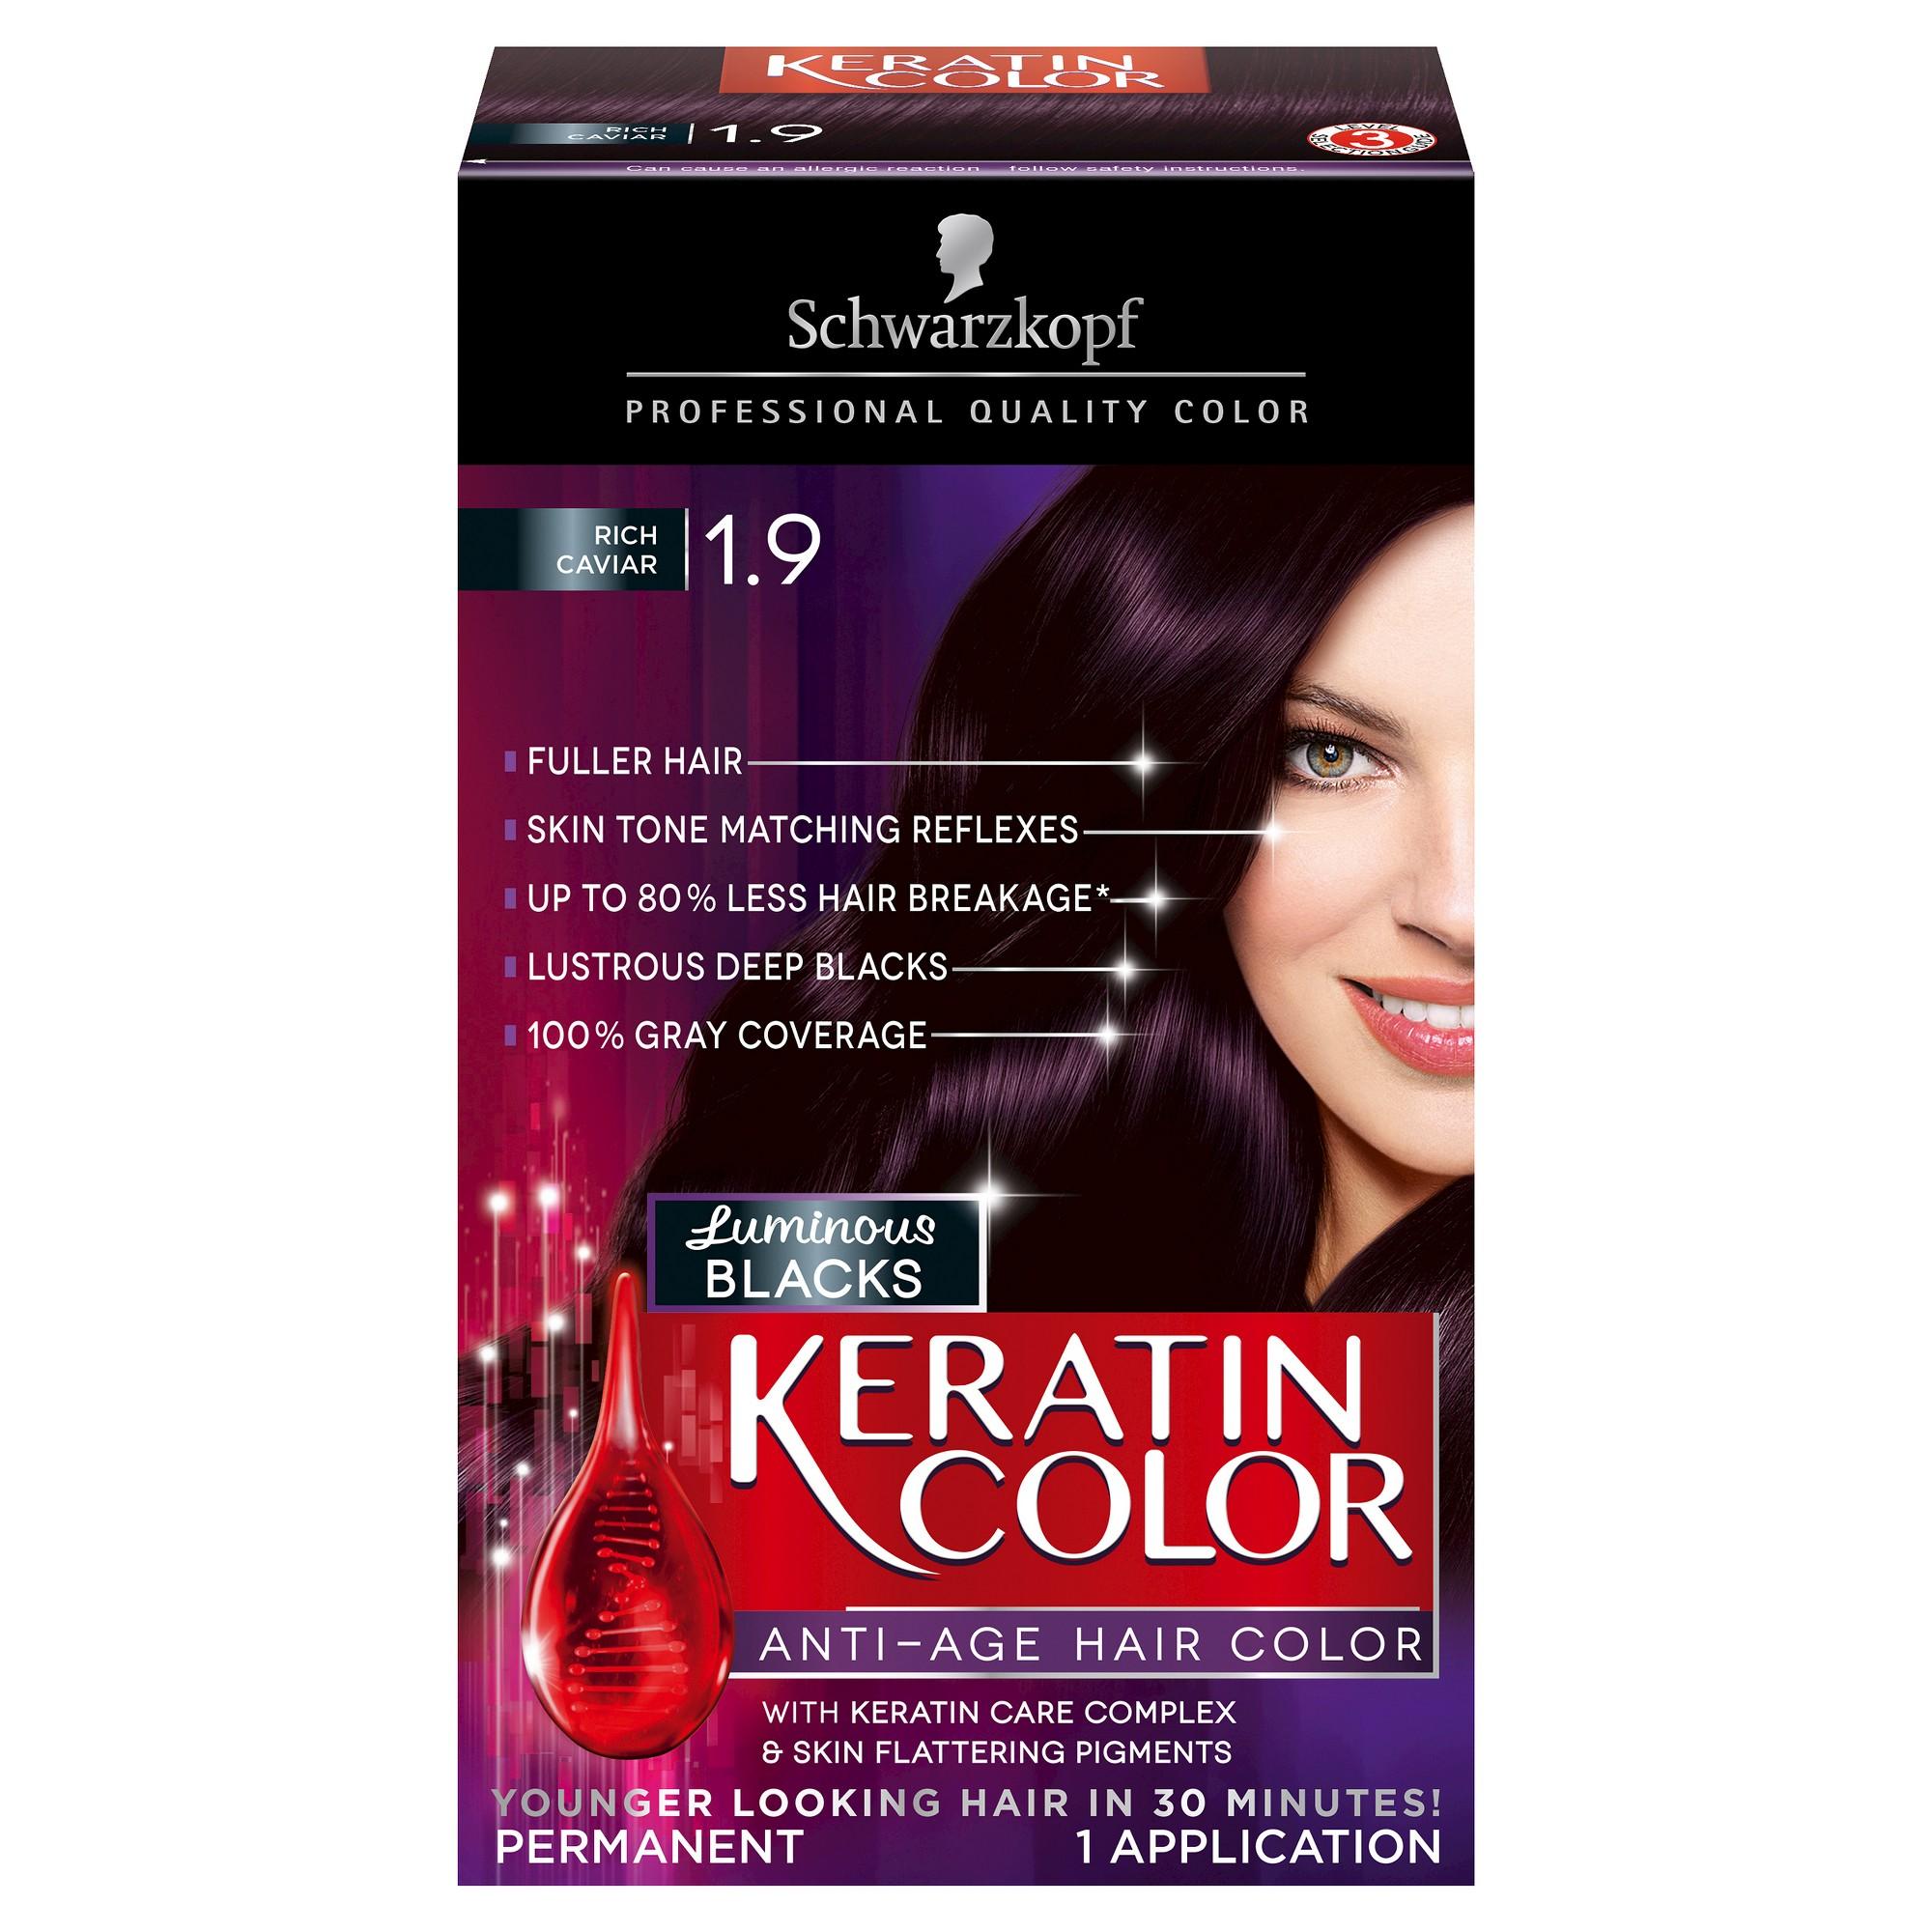 Schwarzkopf Keratin Color Anti Age Hair Color 1 9 Rich Caviar 2 03 Fl Oz Warm Hair Color Hair Color Hair Color Cream